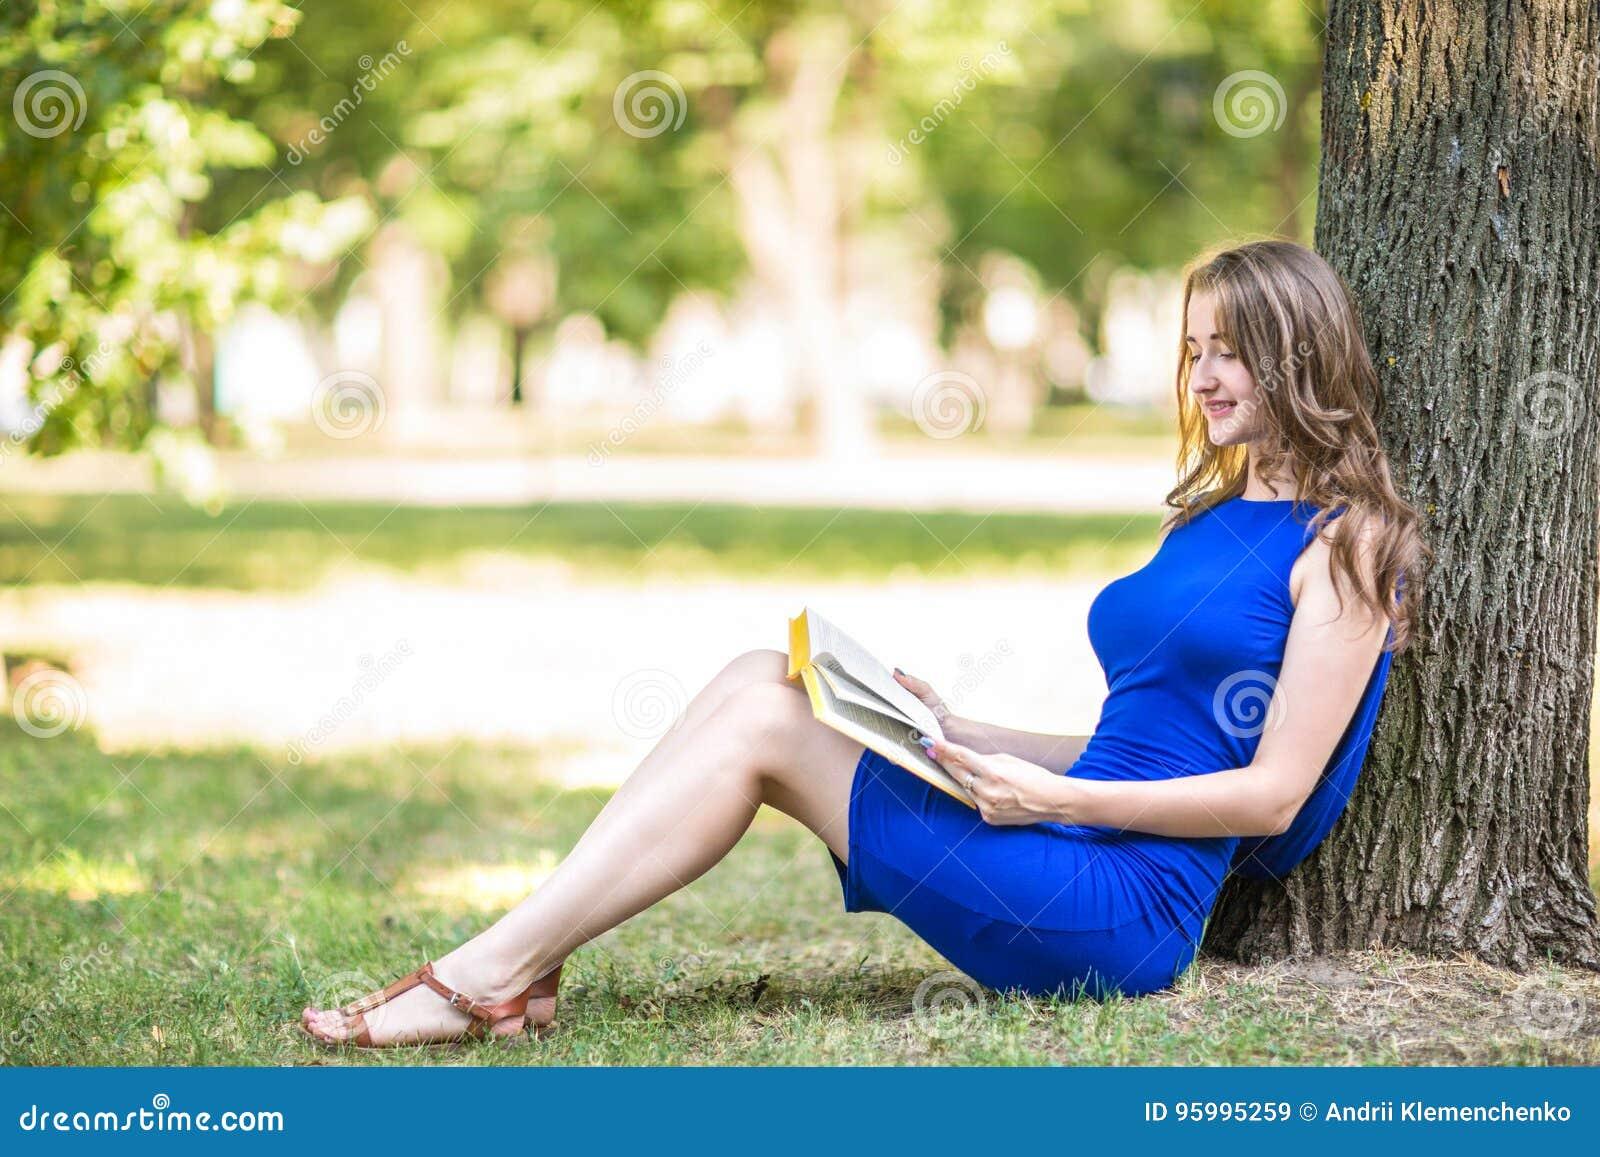 Красивая девушка с чудесными русыми волосами сидит около большого дерева и читает интересную книгу в зеленом парке